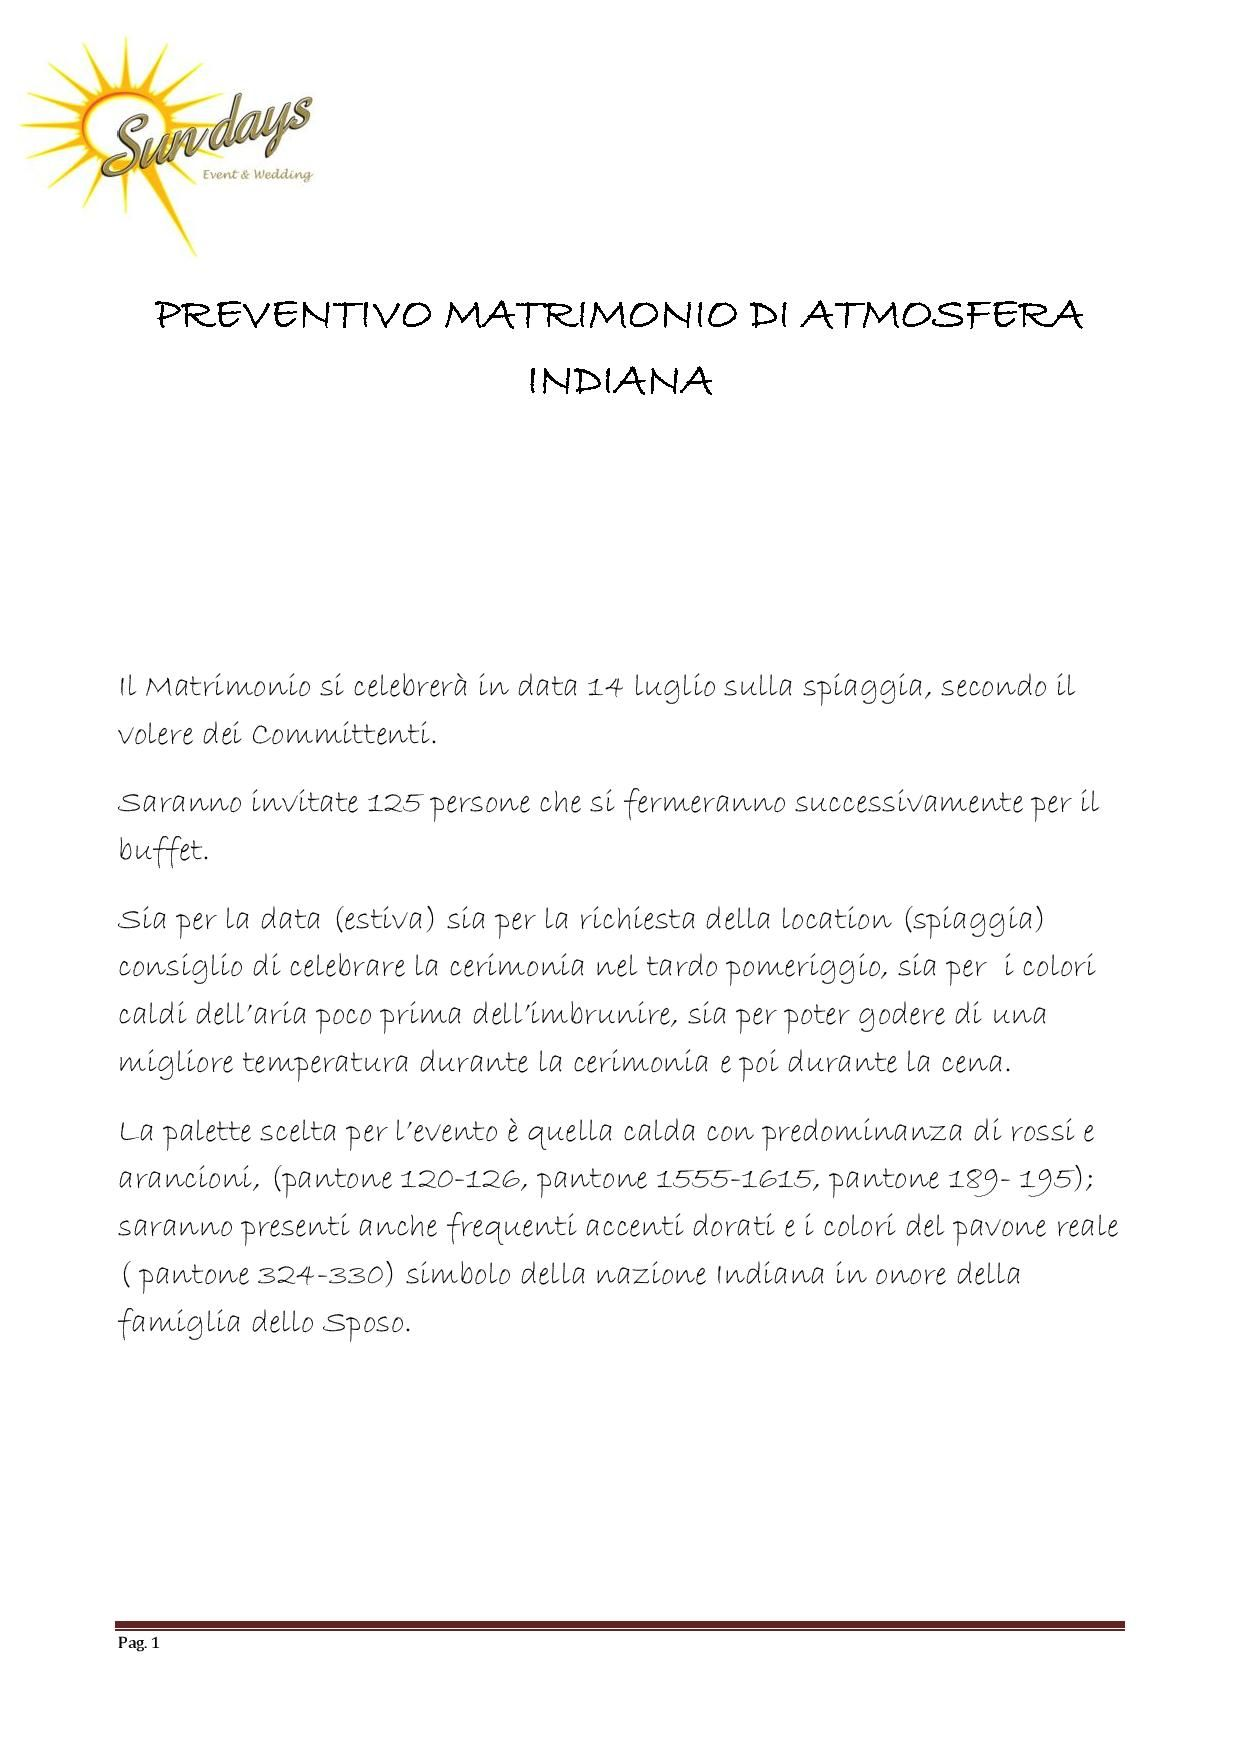 Pin Di Italian Design Institute Su Progect Work Matrimonio Di Atmosfera Indiana Success Matrimonio